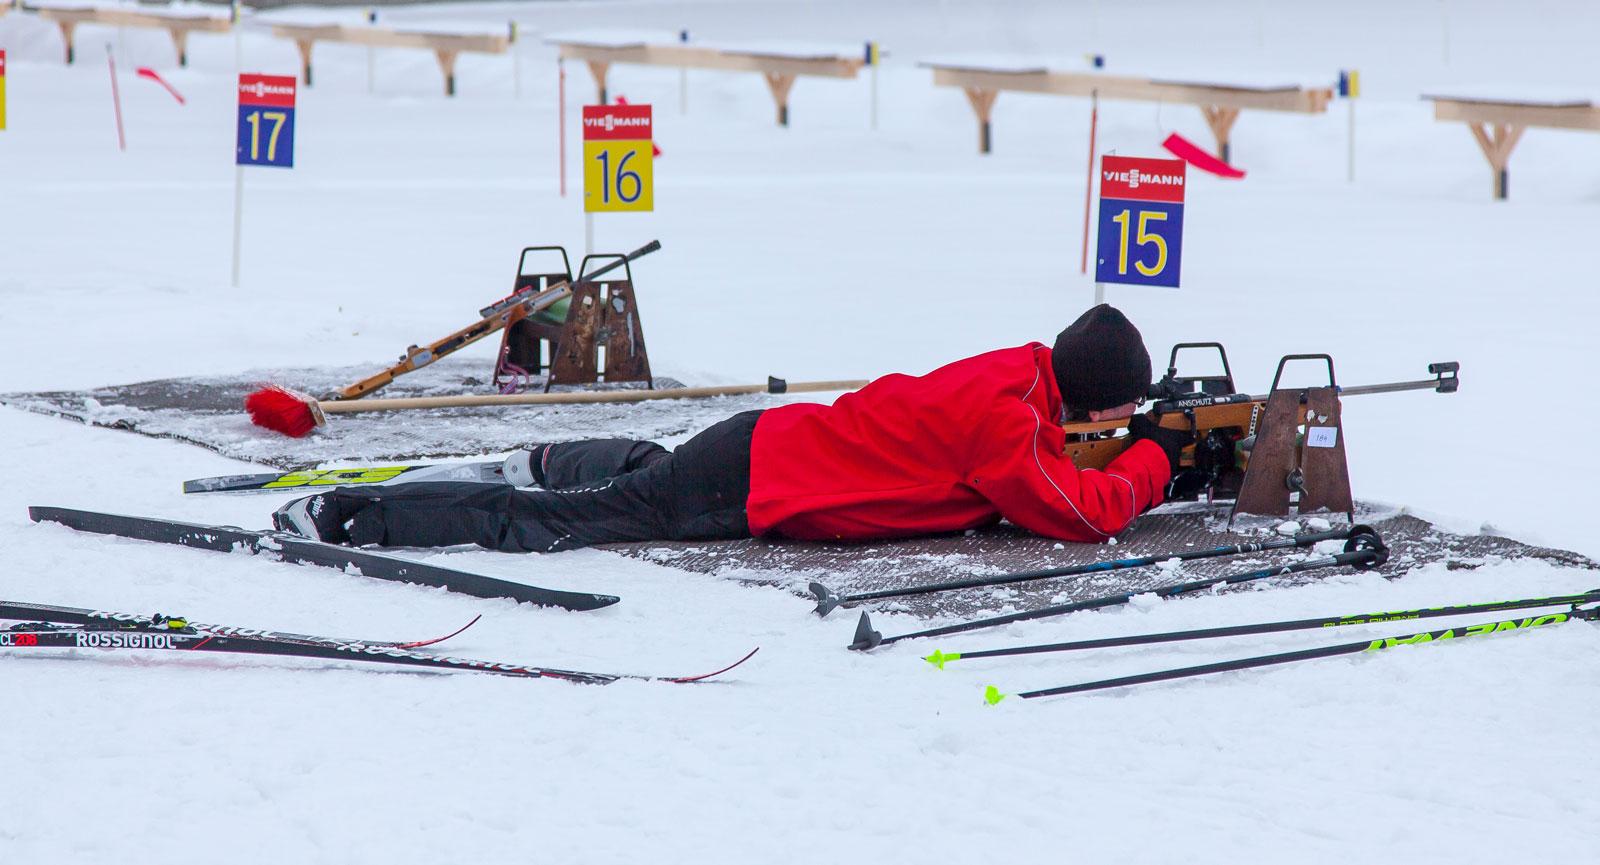 Obekväm ställning i skidskyttet, liggande med skidorna spretande åt olika håll. Och pricktavlorna 50 meter bort.